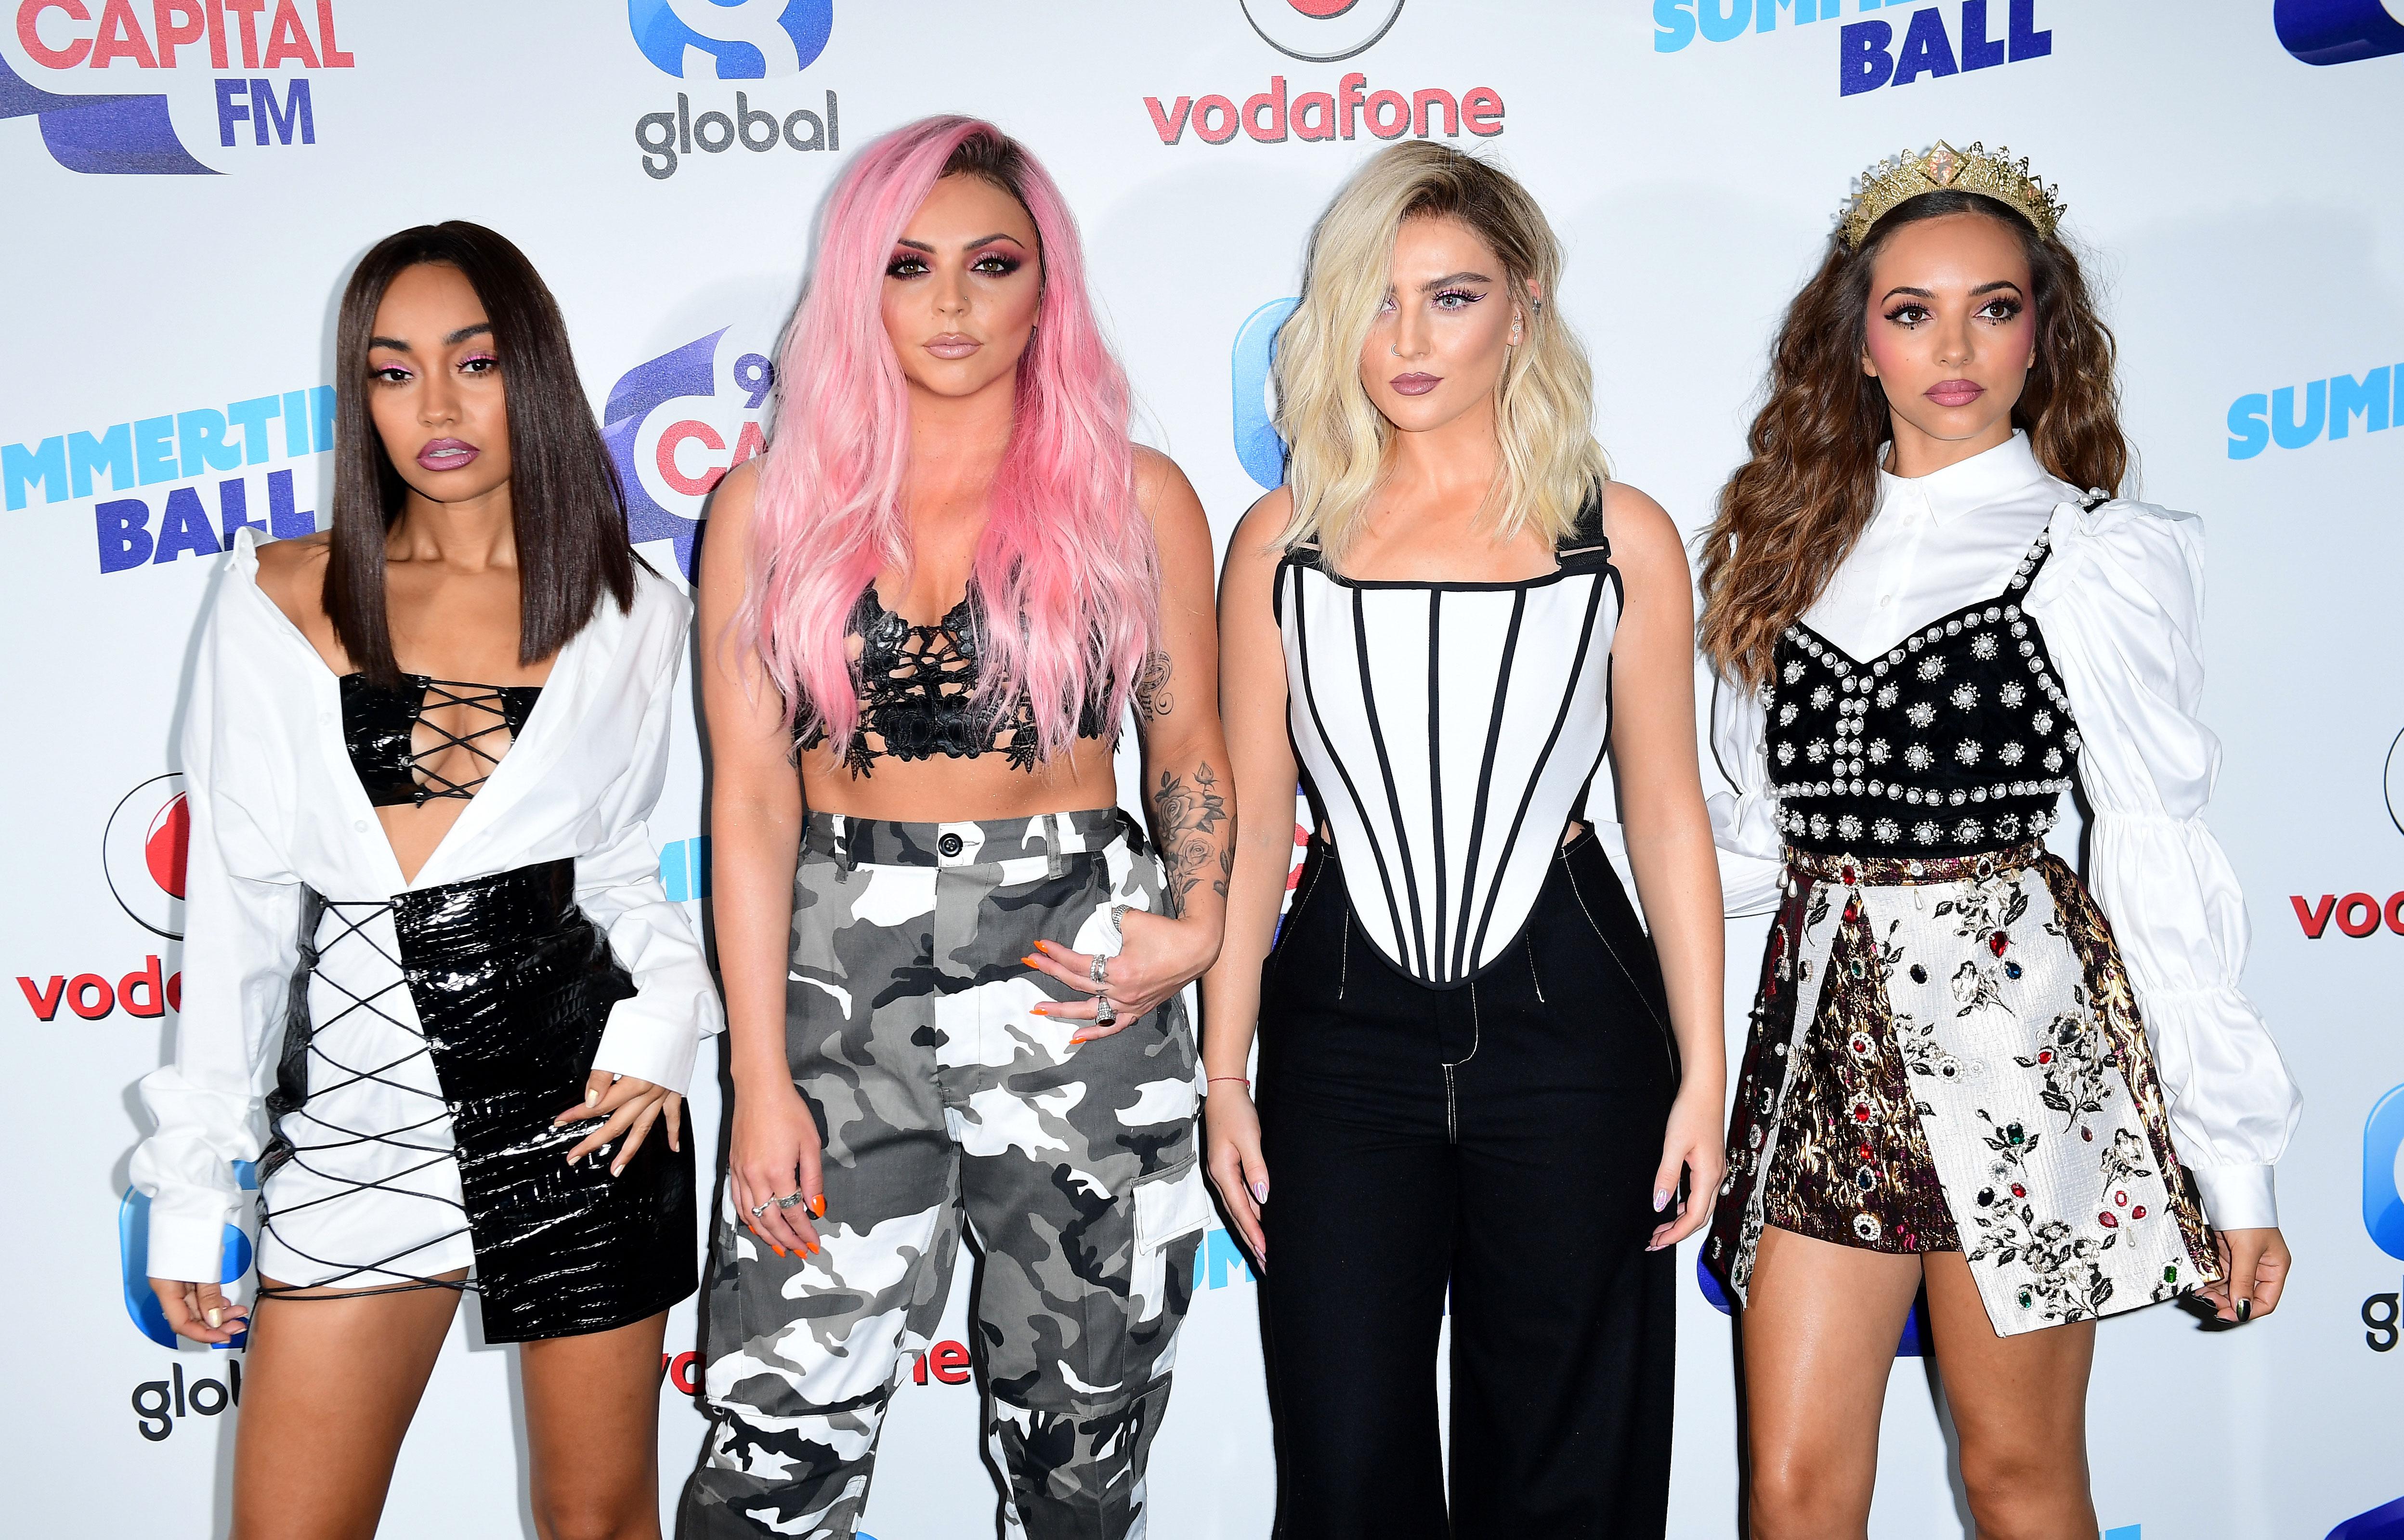 Little Mix Summertime Ball 2017 Red Carpet